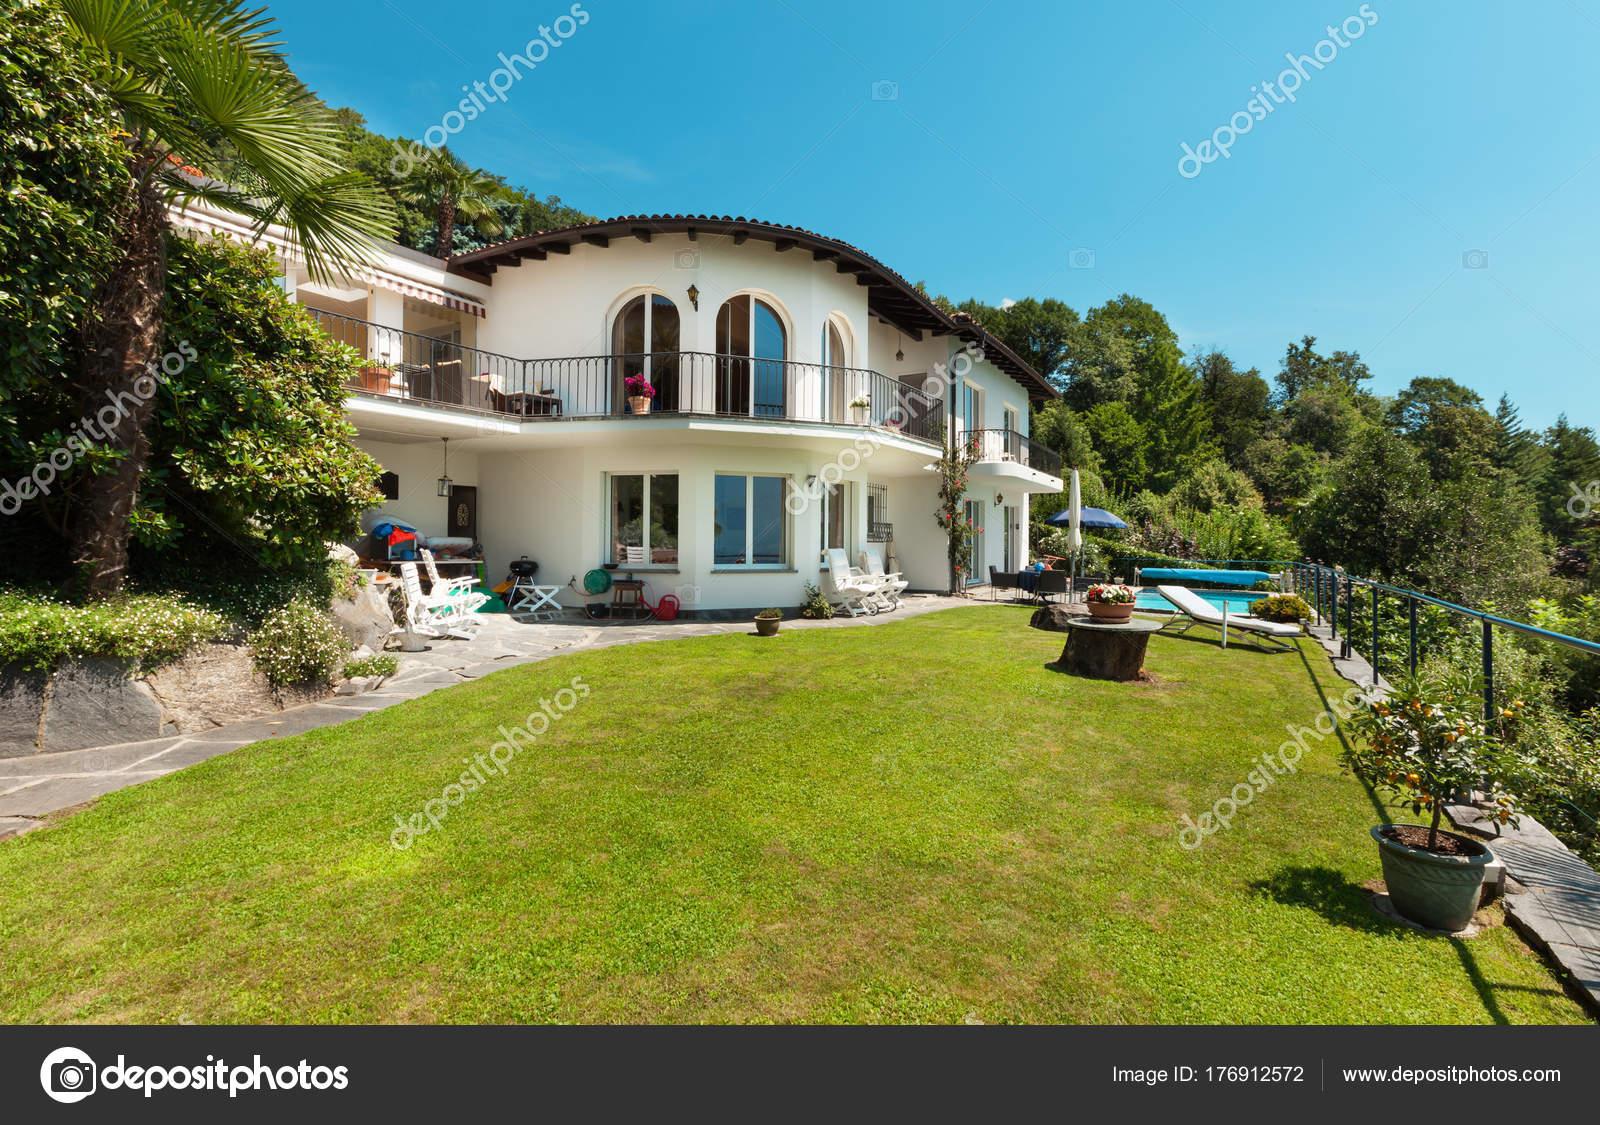 Haus, Blick vom Garten — Stockfoto © Zveiger #176912572